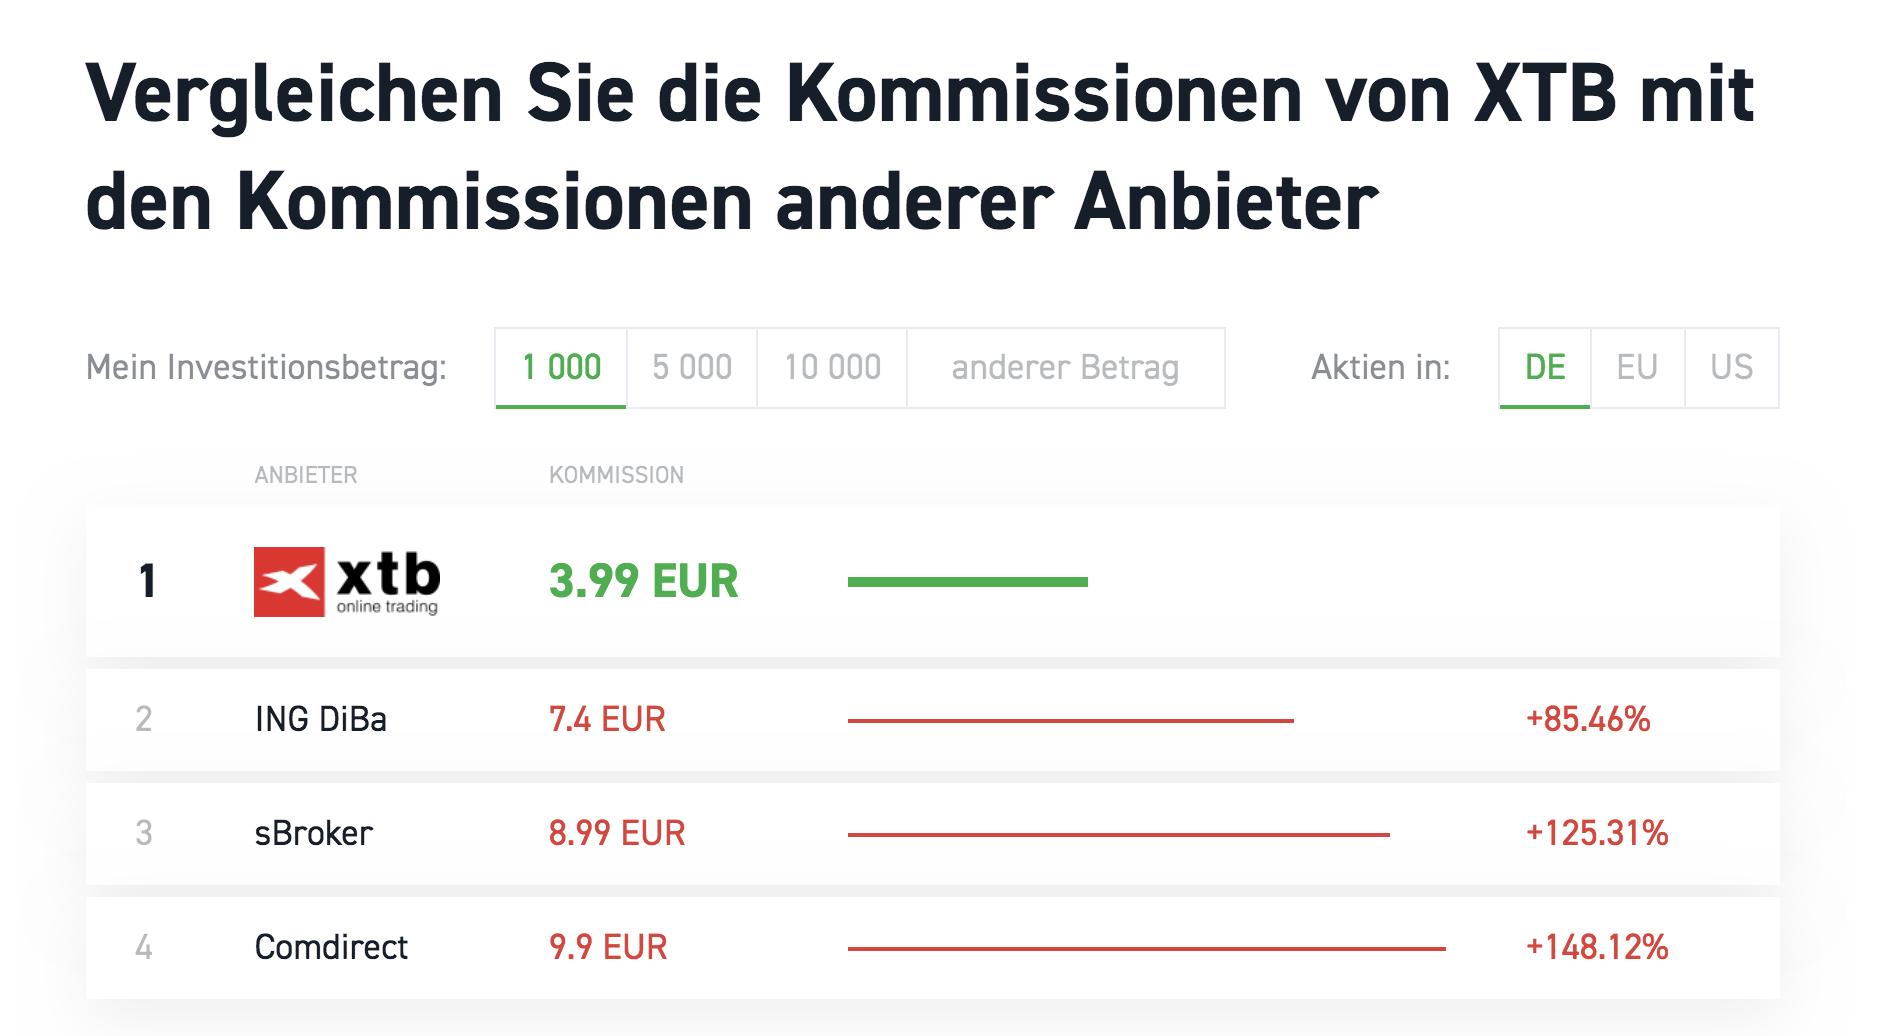 XTB Kosten Vergleich andere Anbietern